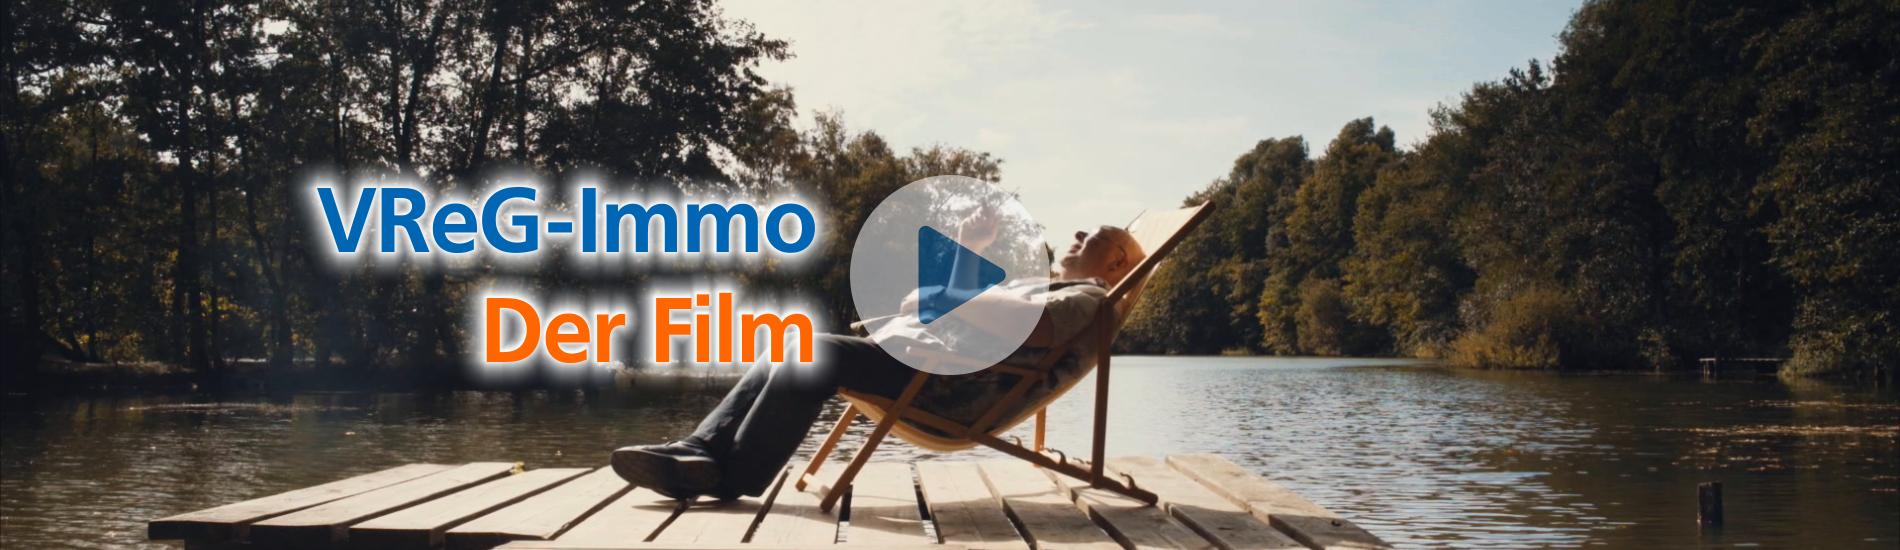 VReG-Immo-Der Film